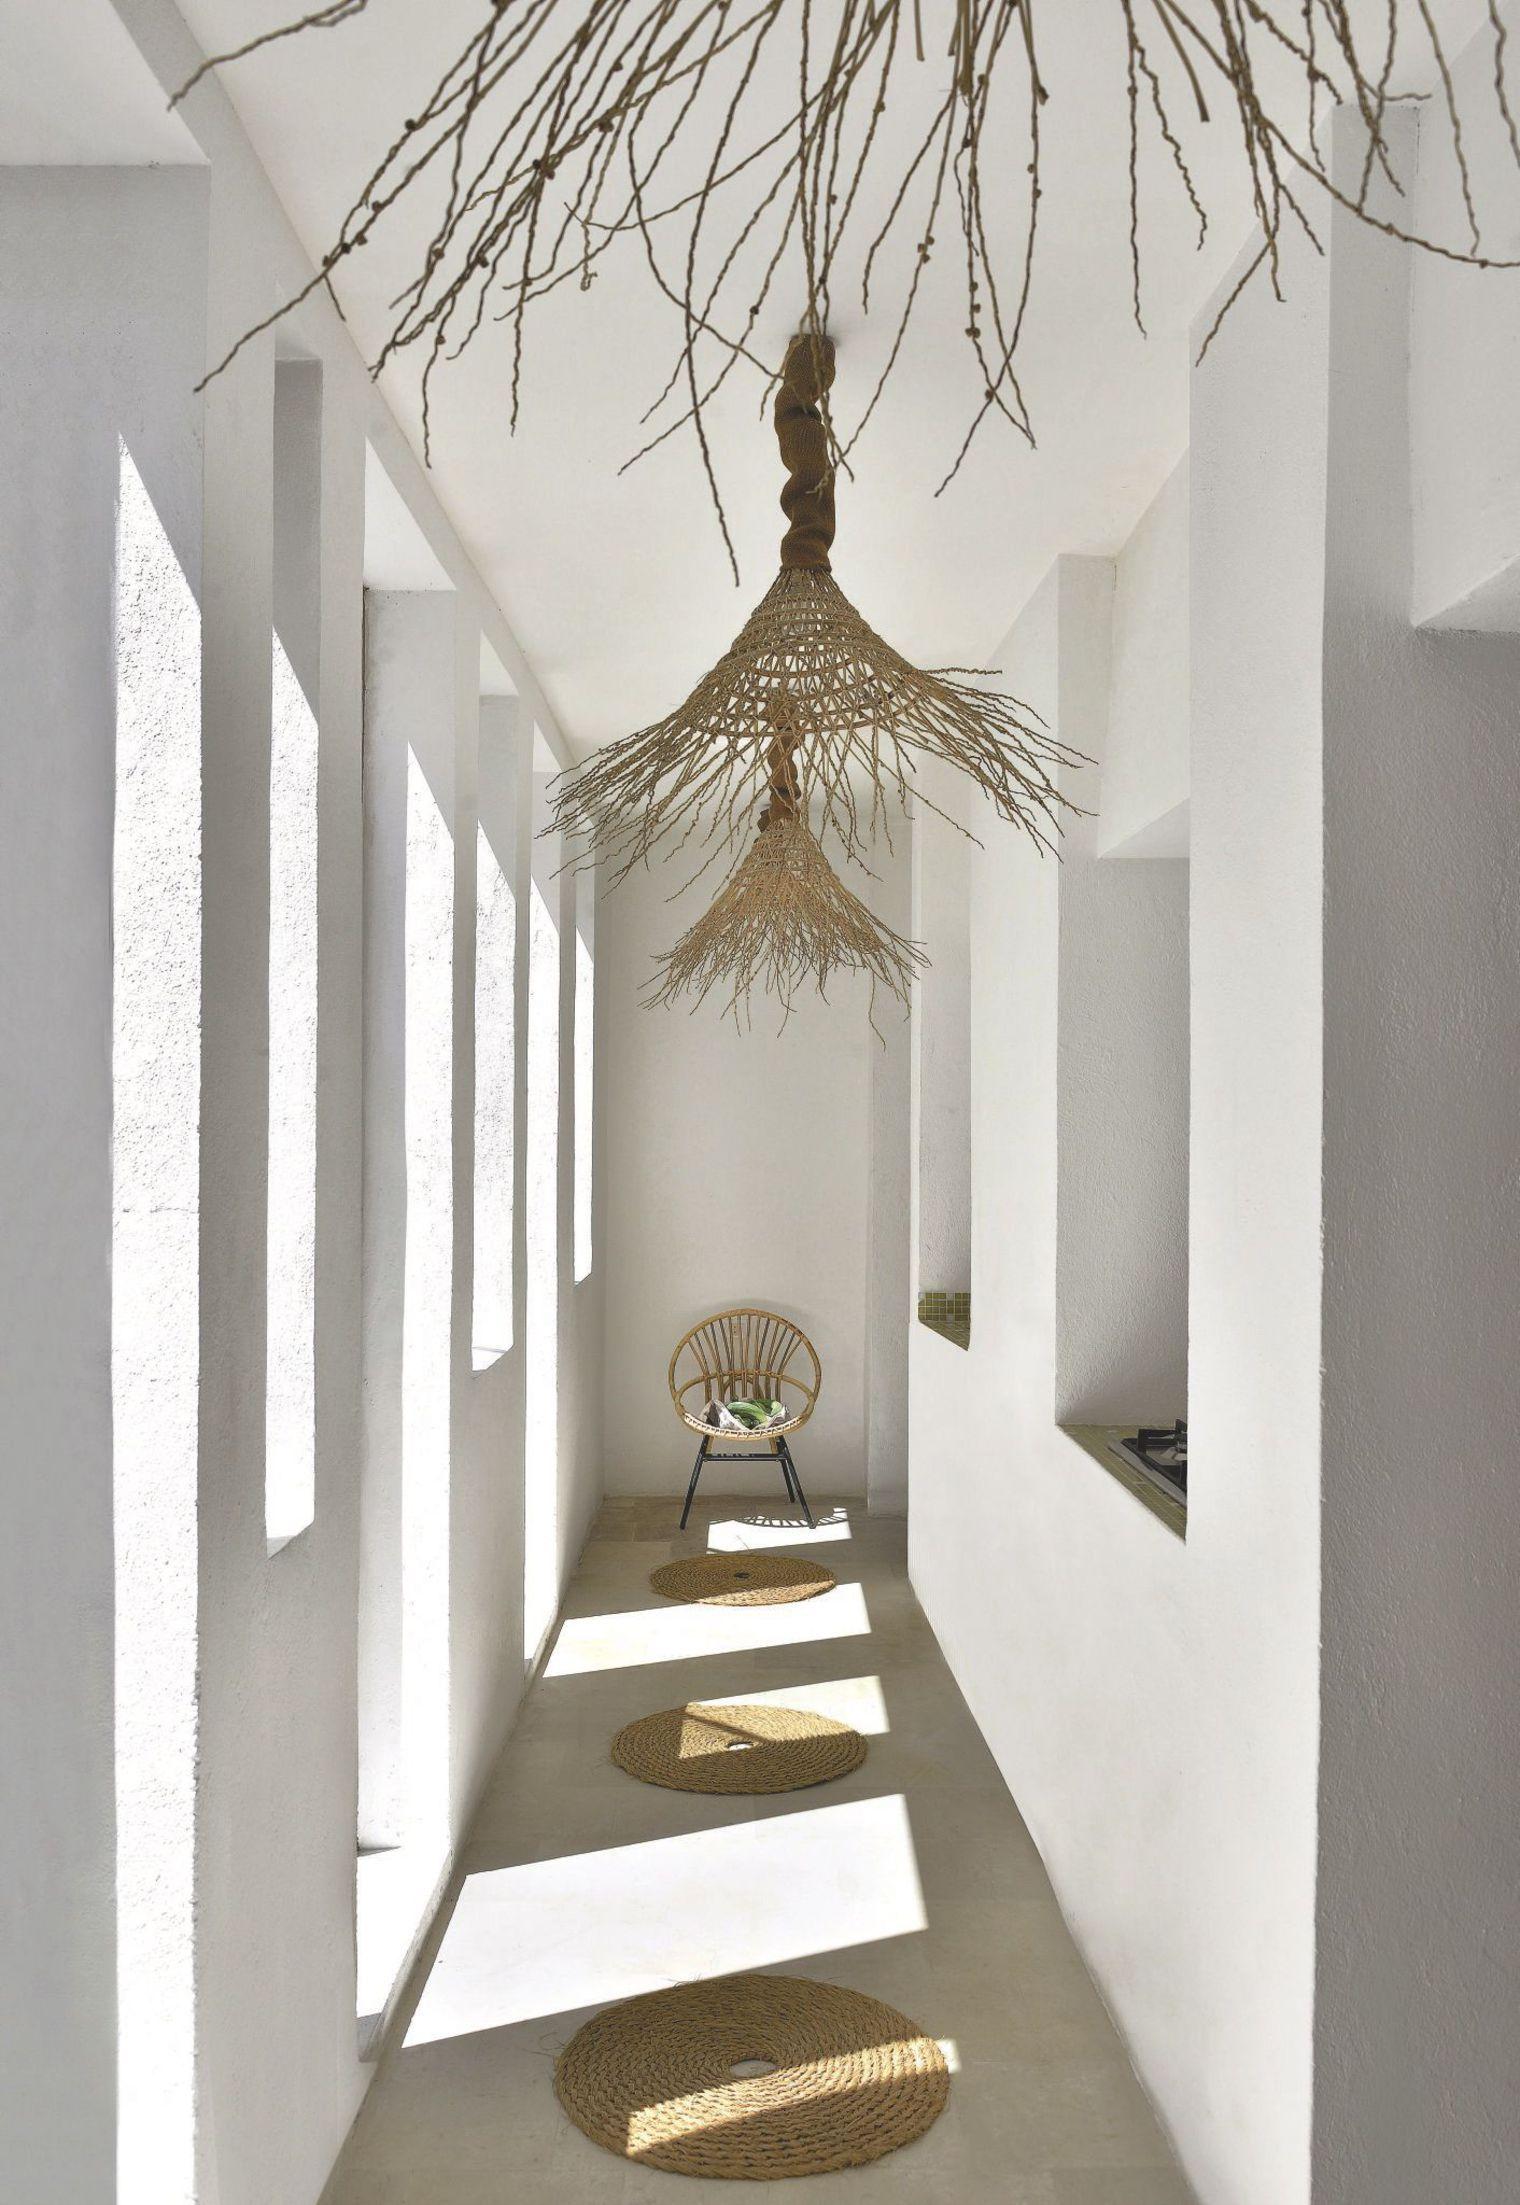 Inspiración | #Pasillos muy NÓRDICOS  Madera, blanco sobre blanco y PLUS de luminosidad. #FelizViernes  #interiorismo #decoración